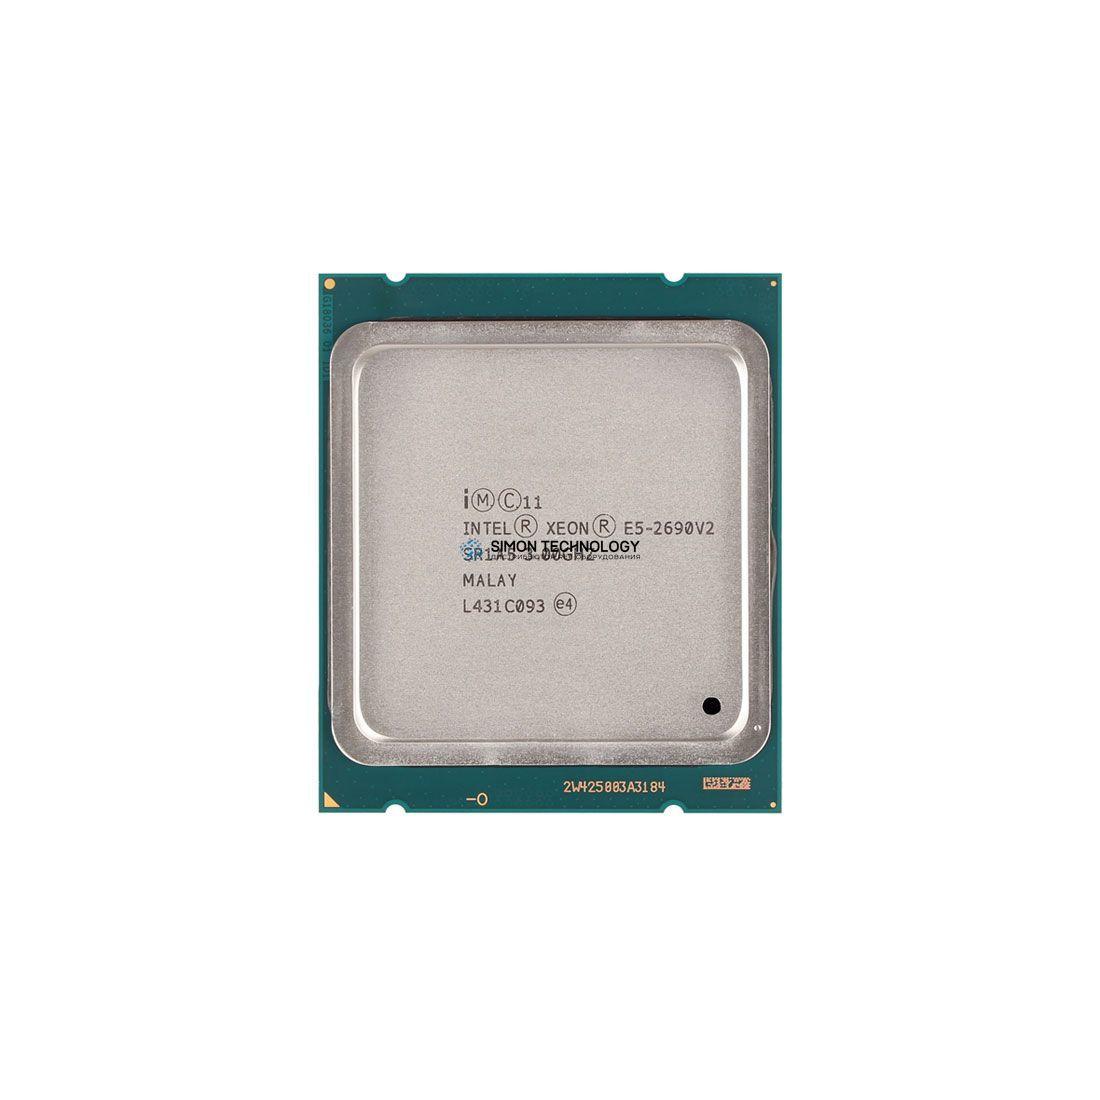 Процессор Intel Xeon 10C 3.0GHz 25MB 130W Processor (1CP74)